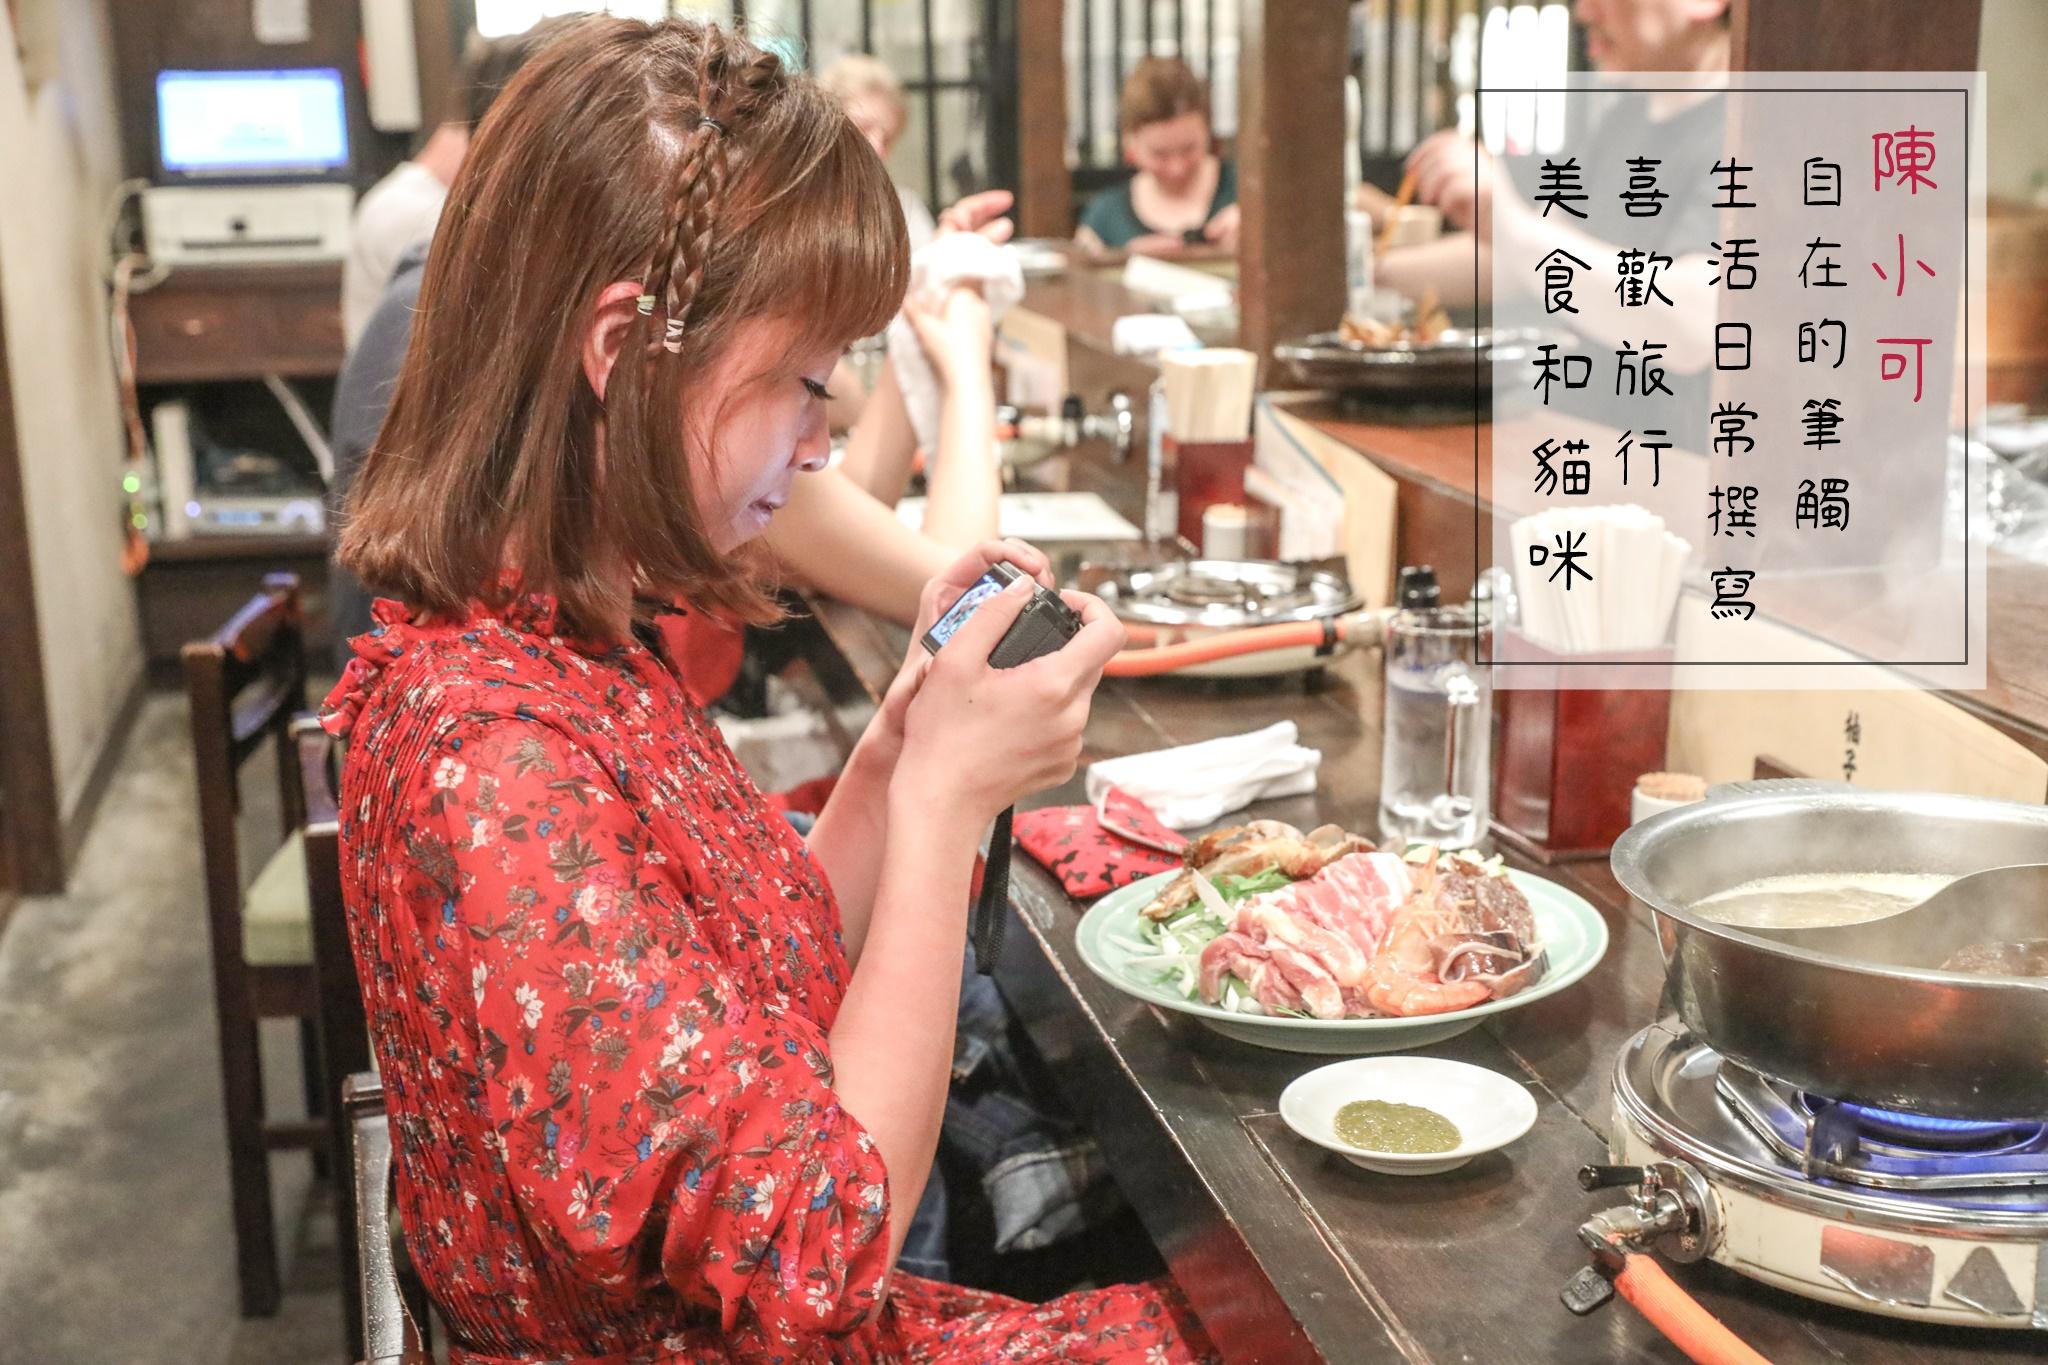 牛丁次郎坊,牛丁次郎坊新店,台北,中和美食,台北丼飯,好吃丼飯推薦,中和餐廳,牛丁次郎坊分店,牛丁